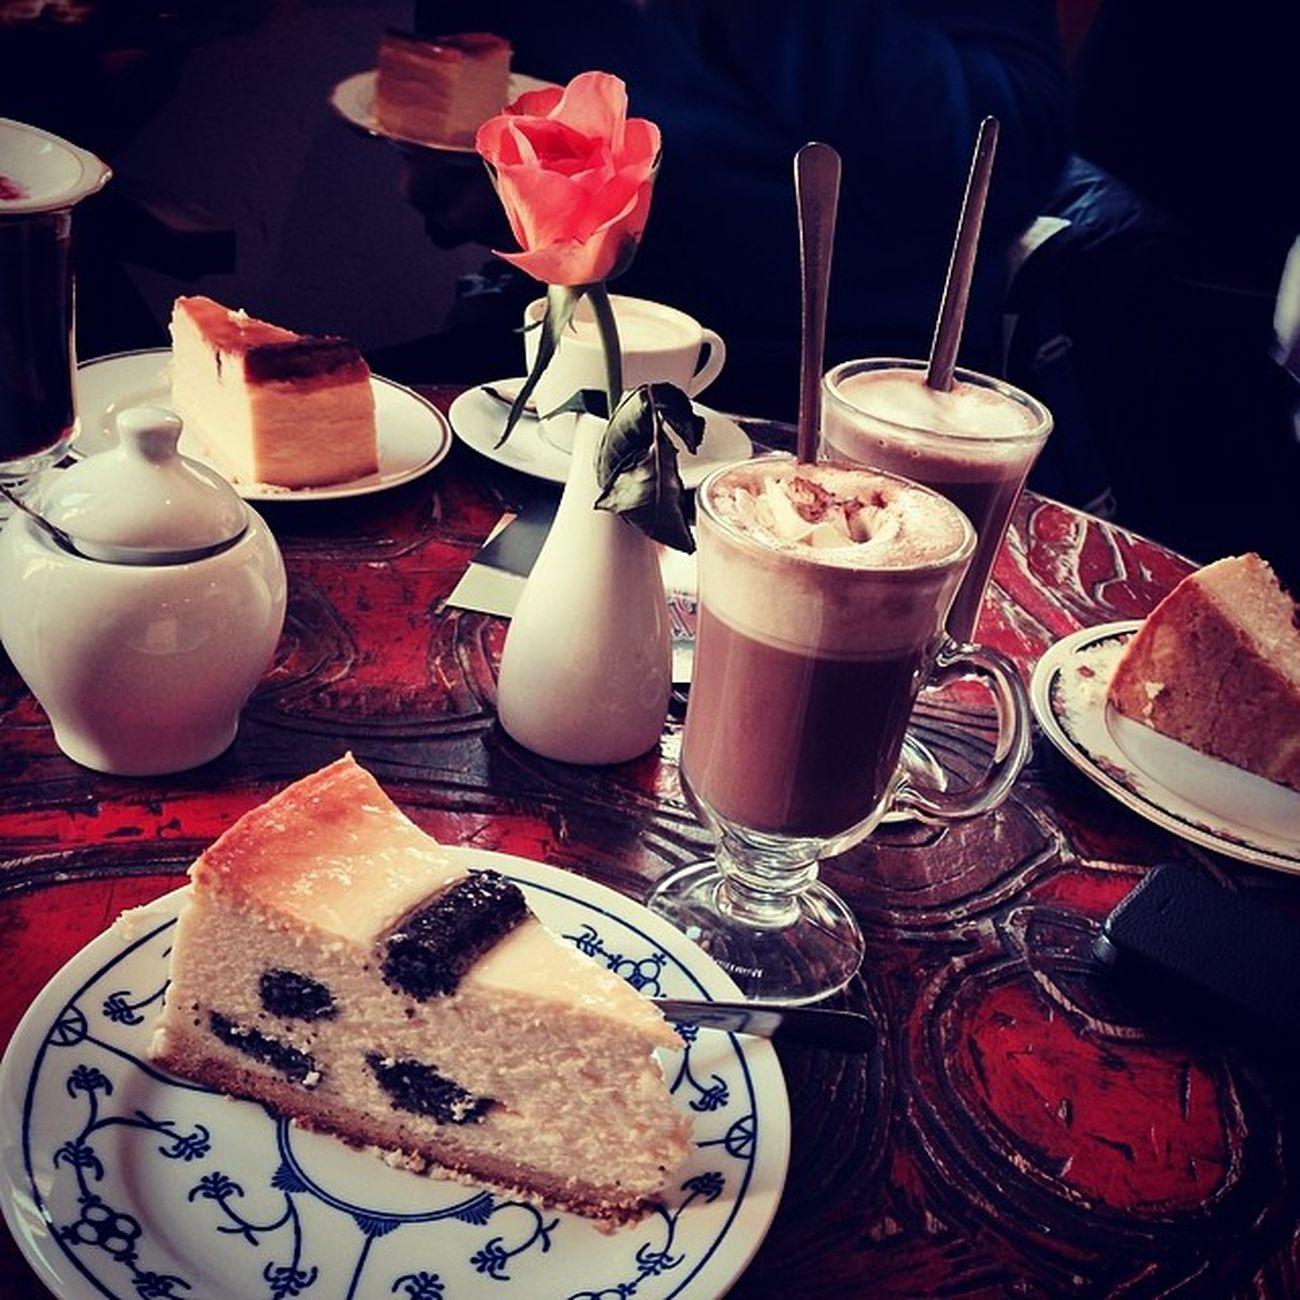 Mohn-Käsekuchen mit heißer Schokolade im Holländischen Viertel... #hach Hach